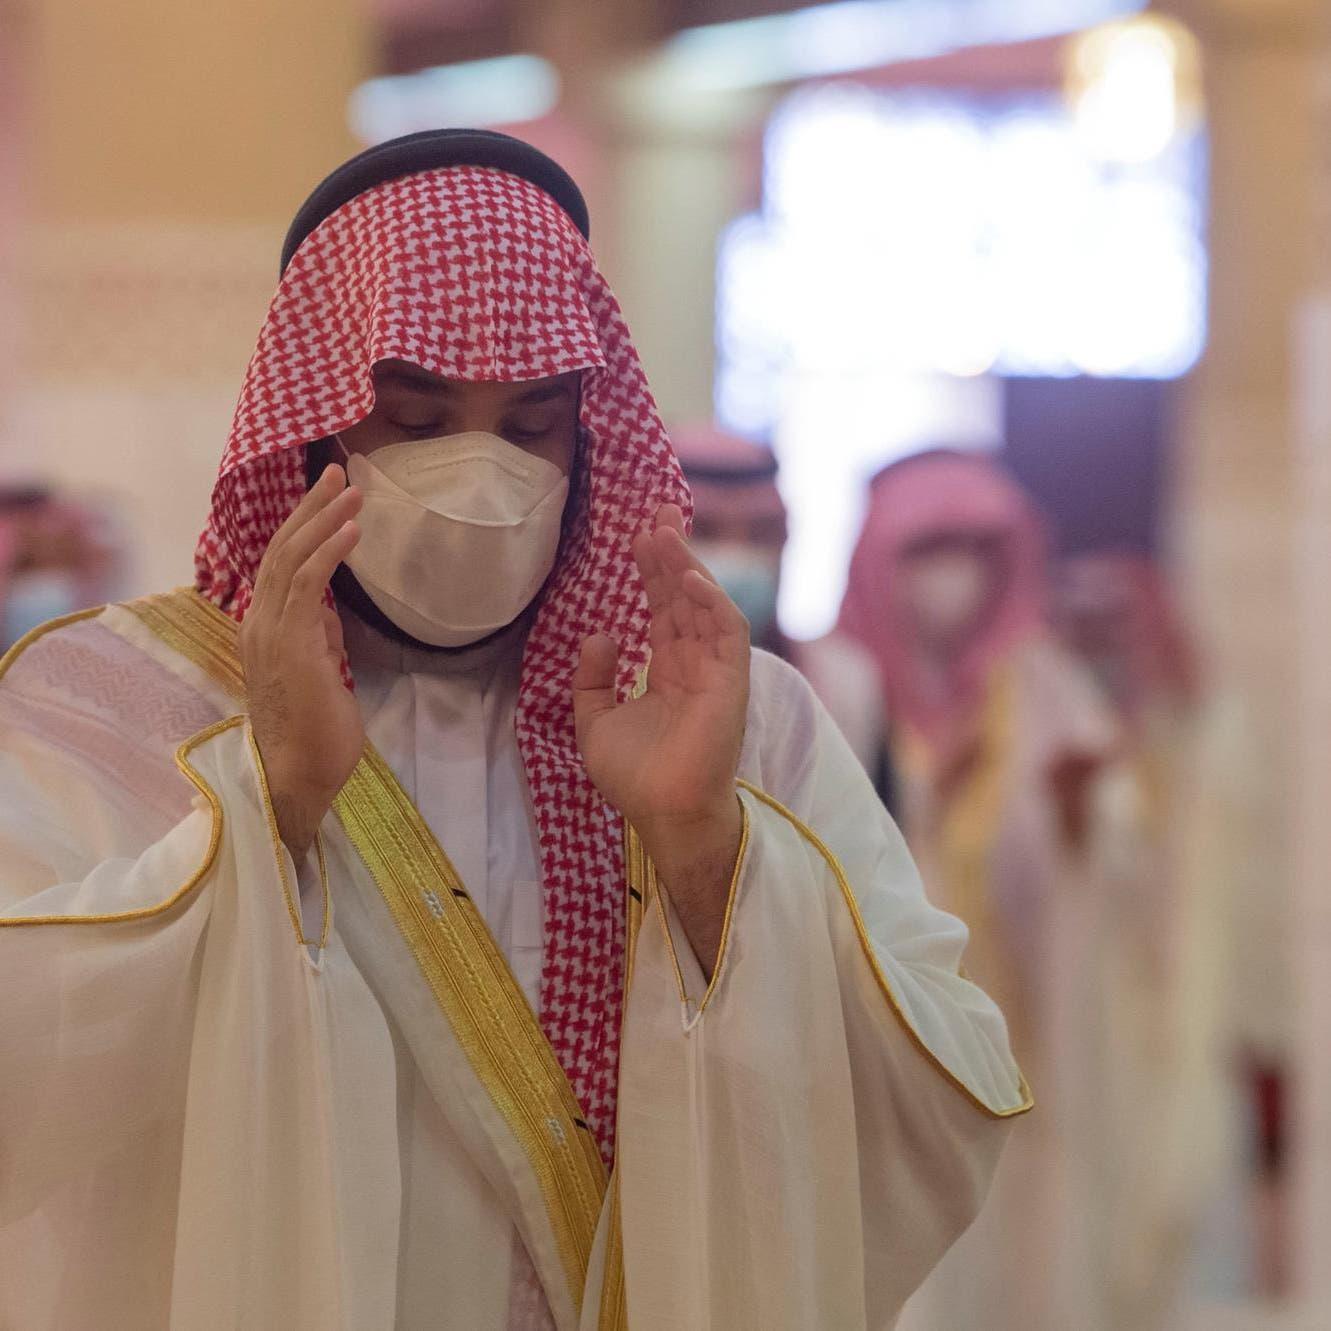 شاهد.. الأمير محمد بن سلمان يؤدي صلاة العيد بالرياض